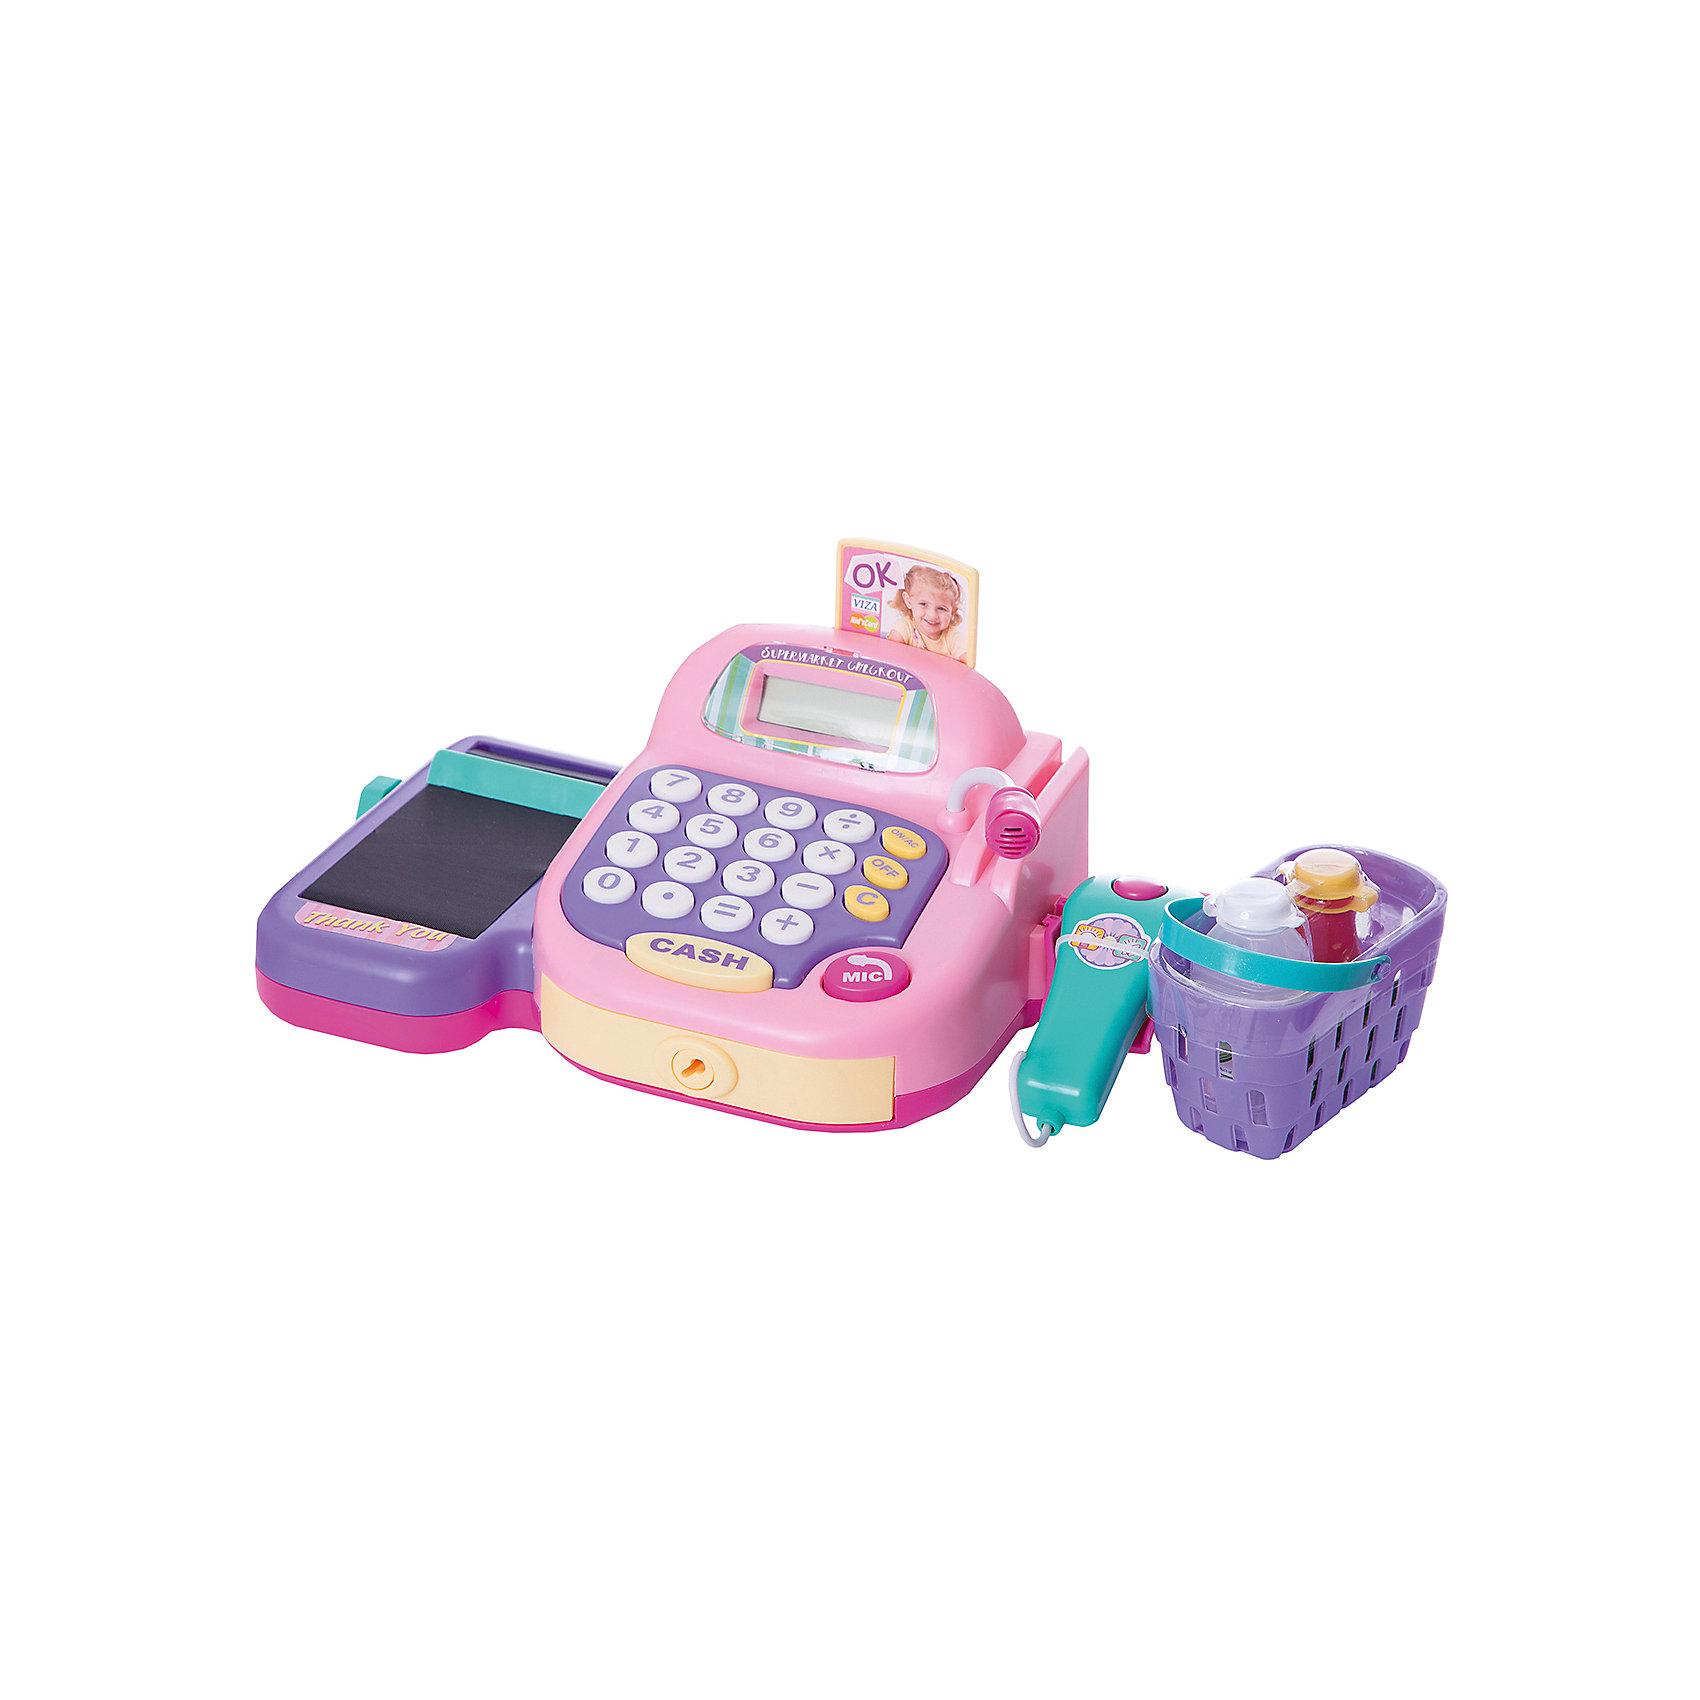 Набор Супермаркет: кассовый аппарат,продукты, со светом , звуком, KeenwayДетские магазины и аксесссуары<br>Девочки всегда стараются подражать тому, что видят, поэтому набор Супермаркет: кассовый аппарат, продукты Keenway - отличный подарок ребенку. Это красочная игрушка, которая обязательно понравится девочке. Она выполнена в виде предметов, которые можно встретить в магазине: это касса со сканером и микрофоном (со звуковыми и световыми эффектами), корзина для покупок , ключ для кассы, набор денег, две пластиковые карты для оплаты продуктов и набор самих продуктов, в числе которых находятся кетчуп, печенье, вода и молоко! <br>Игрушка по габаритам идеально подходит для маленьких ручек малыша. Весит совсем немного. Такие игрушки помогают развить мелкую моторику, логическое мышление и воображение ребенка. Эта игрушка выполнена из высококачественного прочного пластика, безопасного для детей.<br>  <br>Дополнительная информация:<br><br>цвет: разноцветный;<br>материал: пластик;<br>размер игрушки: 0,345х0,2х0,165 м;<br>батарейки: 2ХхАА, в комплекте;<br>комплектация: это касса со сканером и микрофоном (со звуковыми и световыми эффектами), корзина для покупок , ключ для кассы, набор денег, две пластиковые карты для оплаты продуктов, набор продуктов;<br>вес:  1,2 кг.<br><br>Набор Супермаркет: кассовый аппарат, продукты, от компании Keenway можно купить в нашем магазине.<br><br>Ширина мм: 101<br>Глубина мм: 203<br>Высота мм: 203<br>Вес г: 543<br>Возраст от месяцев: 36<br>Возраст до месяцев: 120<br>Пол: Унисекс<br>Возраст: Детский<br>SKU: 4810973